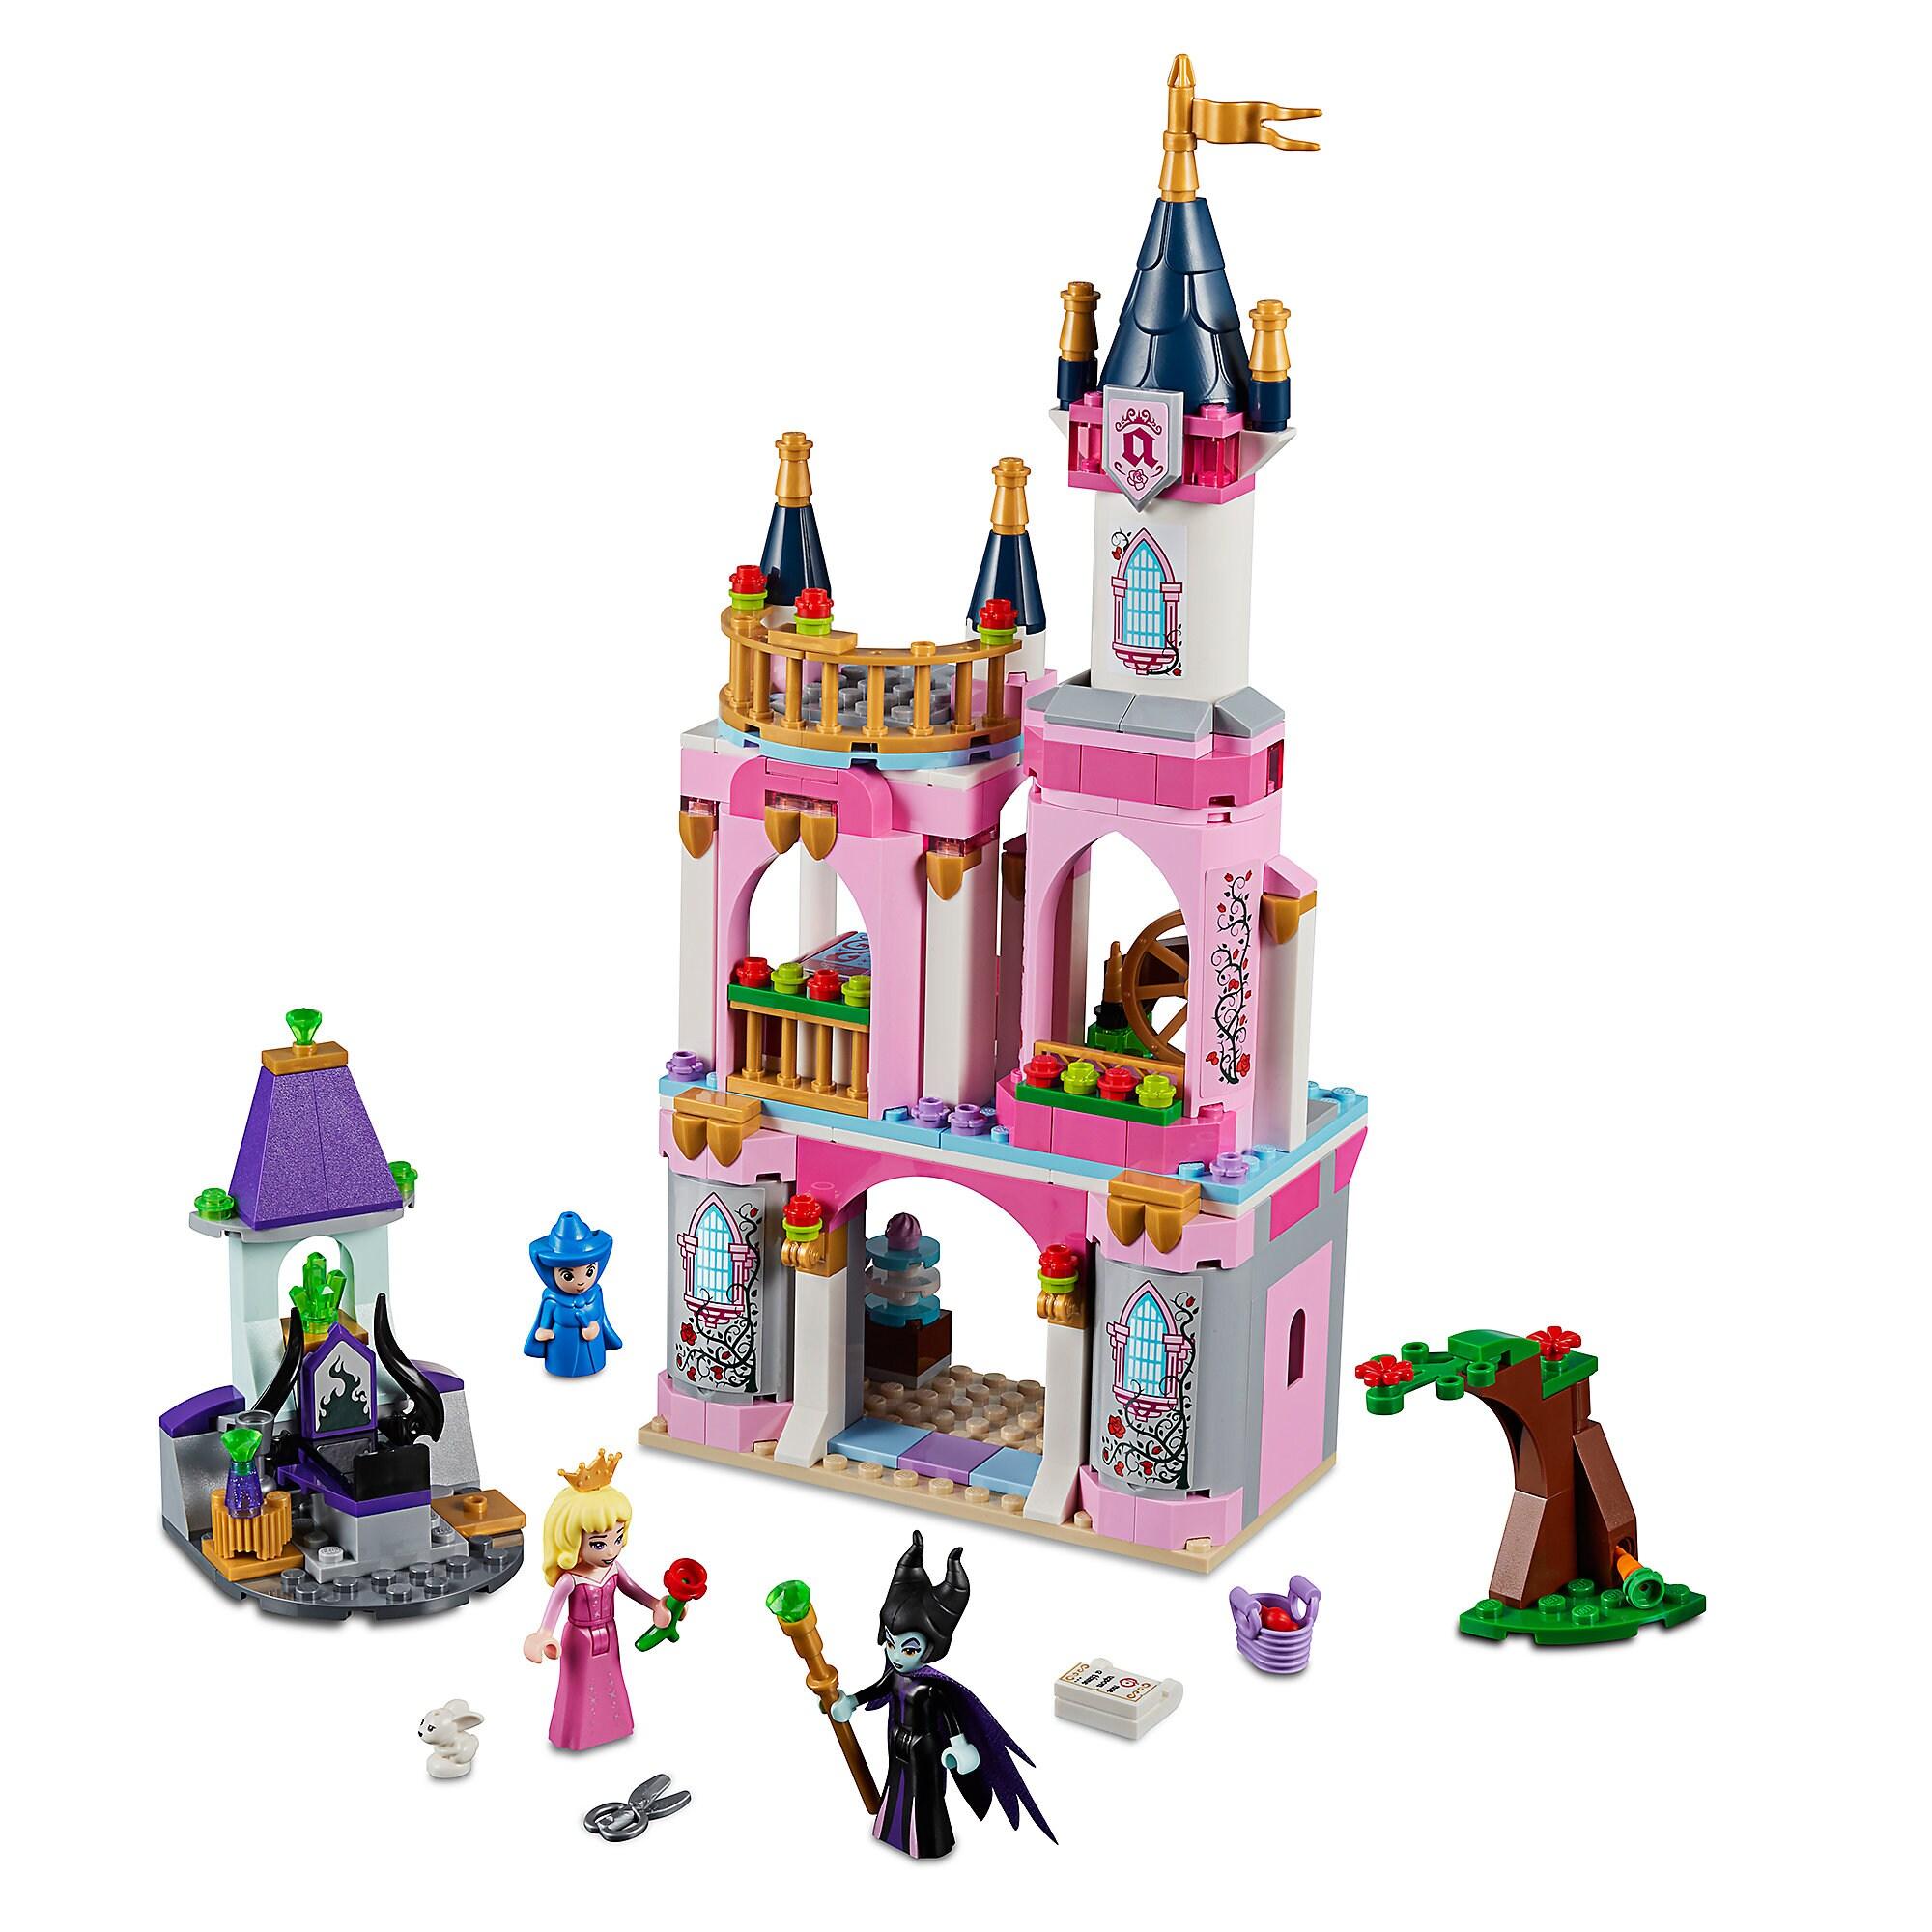 Sleeping Beauty Fairytale Castle Playset by LEGO